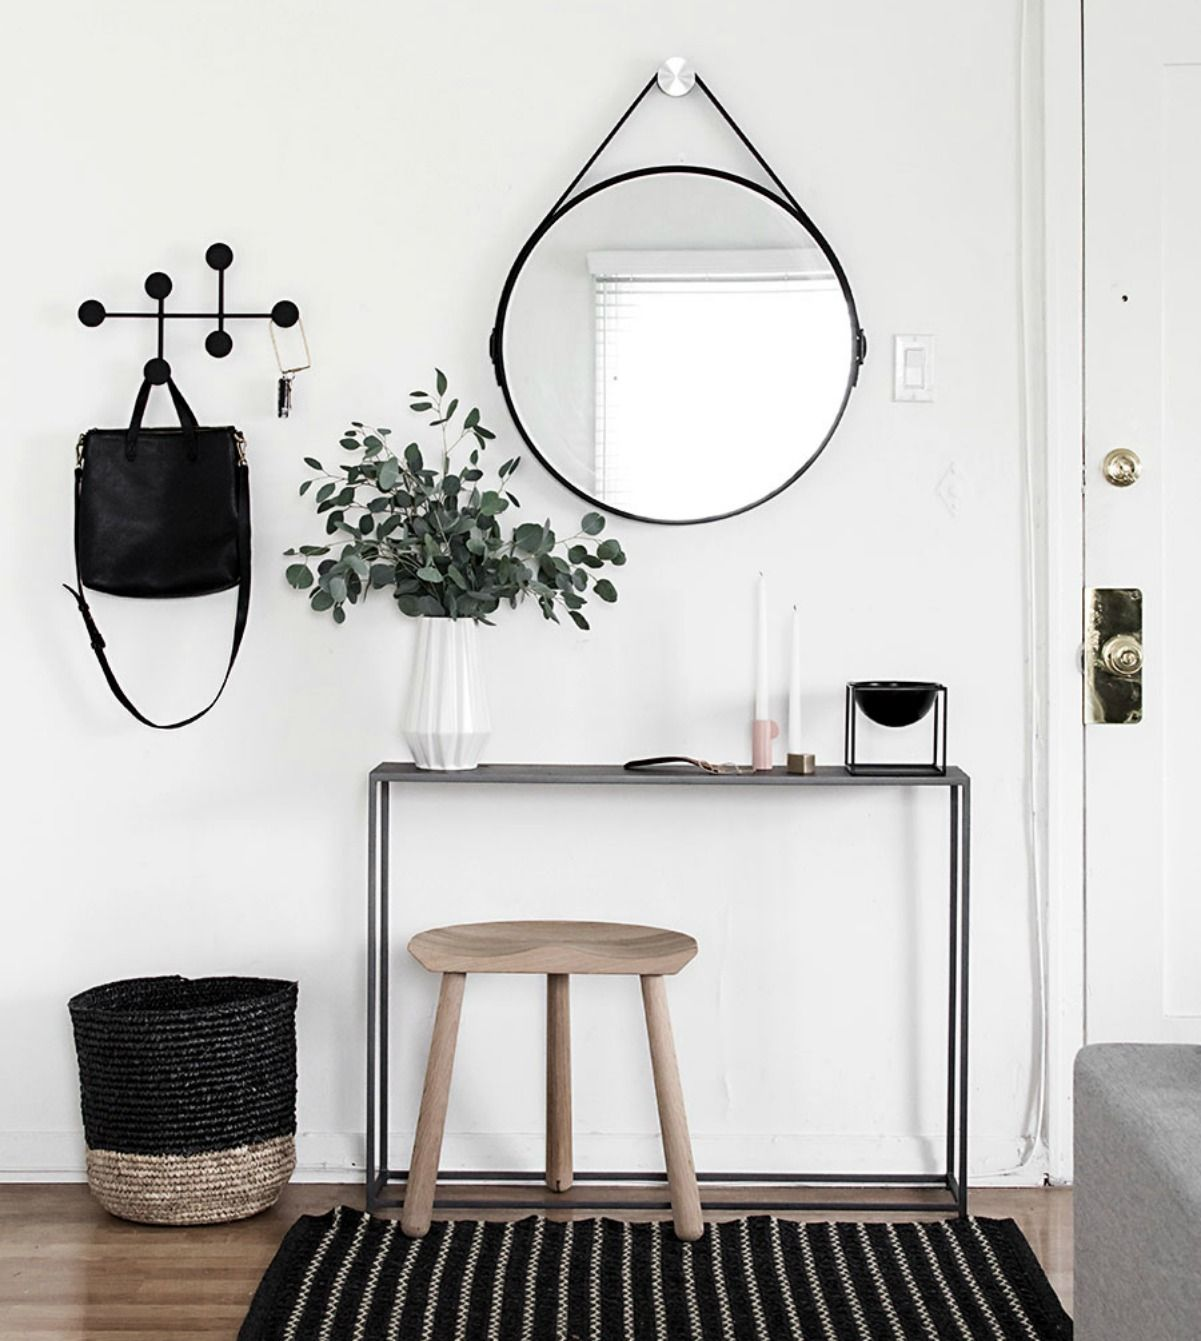 Entrada hall de estilo n rdico e blanco negro y madera for Interiorismo estilo nordico